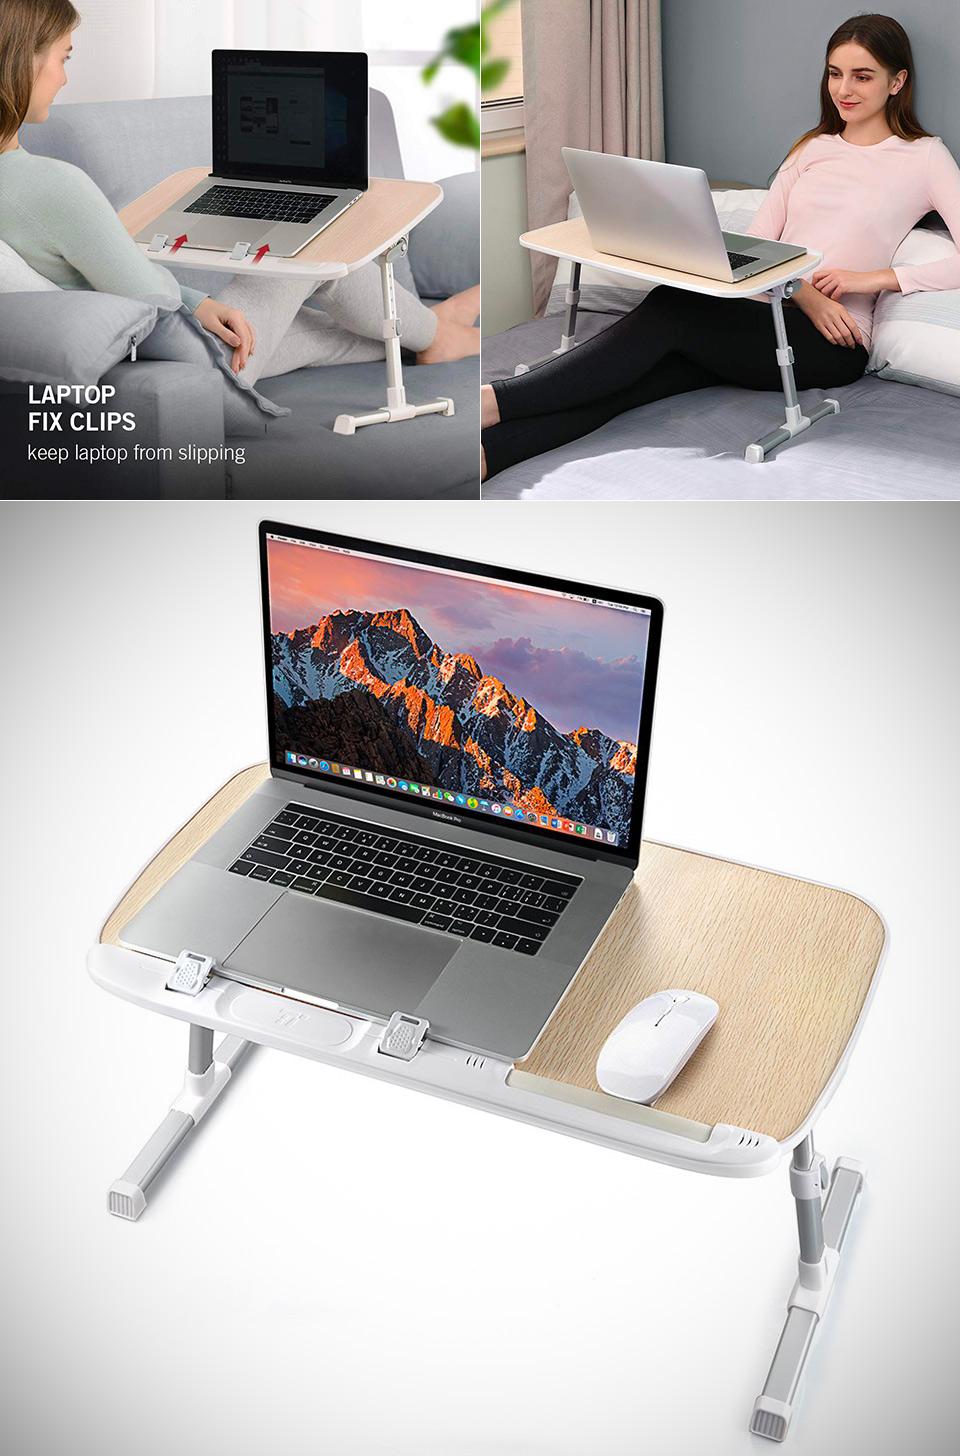 TaoTronics Folding Laptop Lap Desk